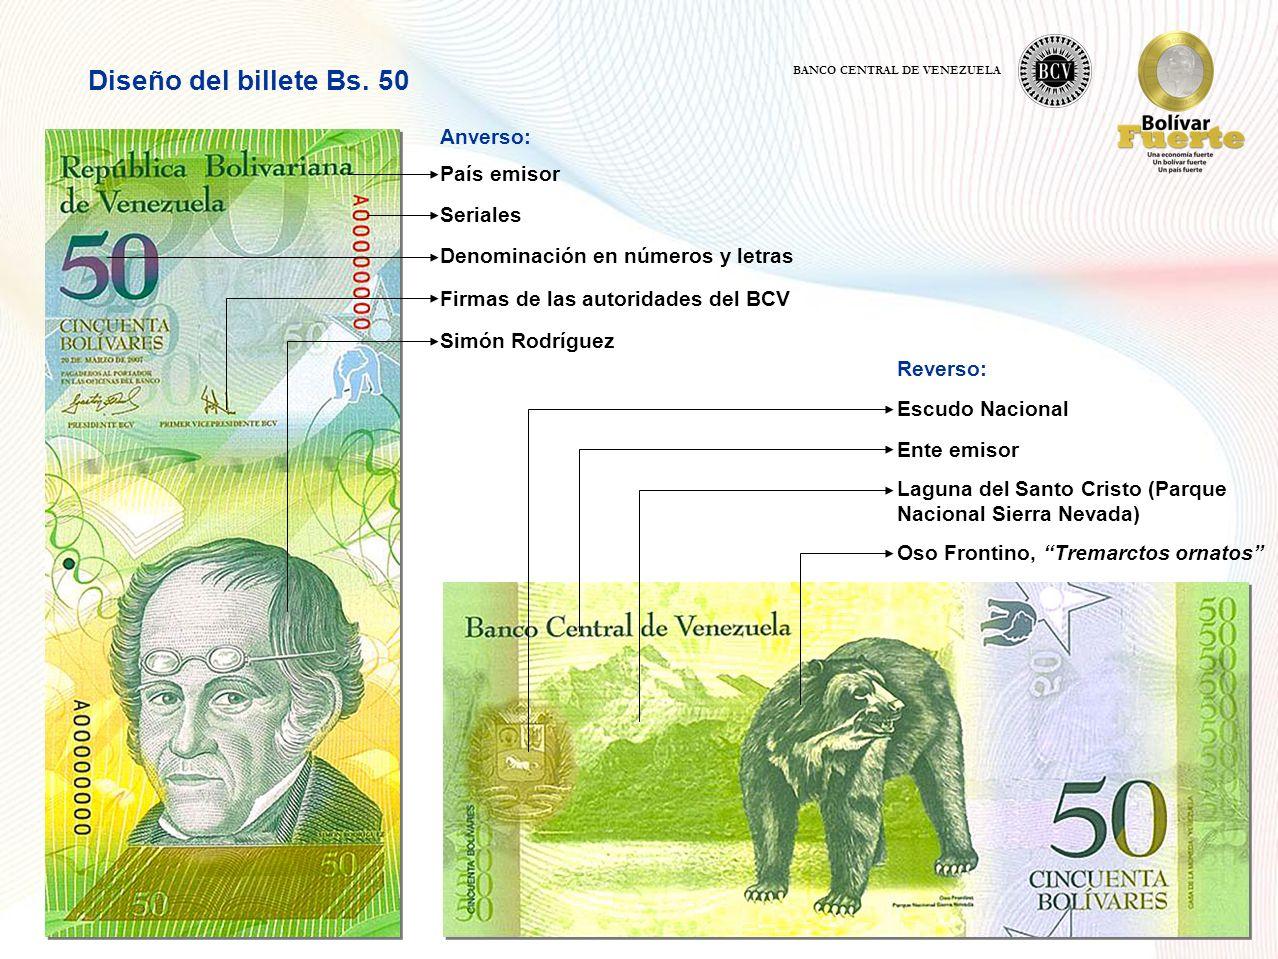 Diseño del billete Bs. 50 Anverso: País emisor Seriales